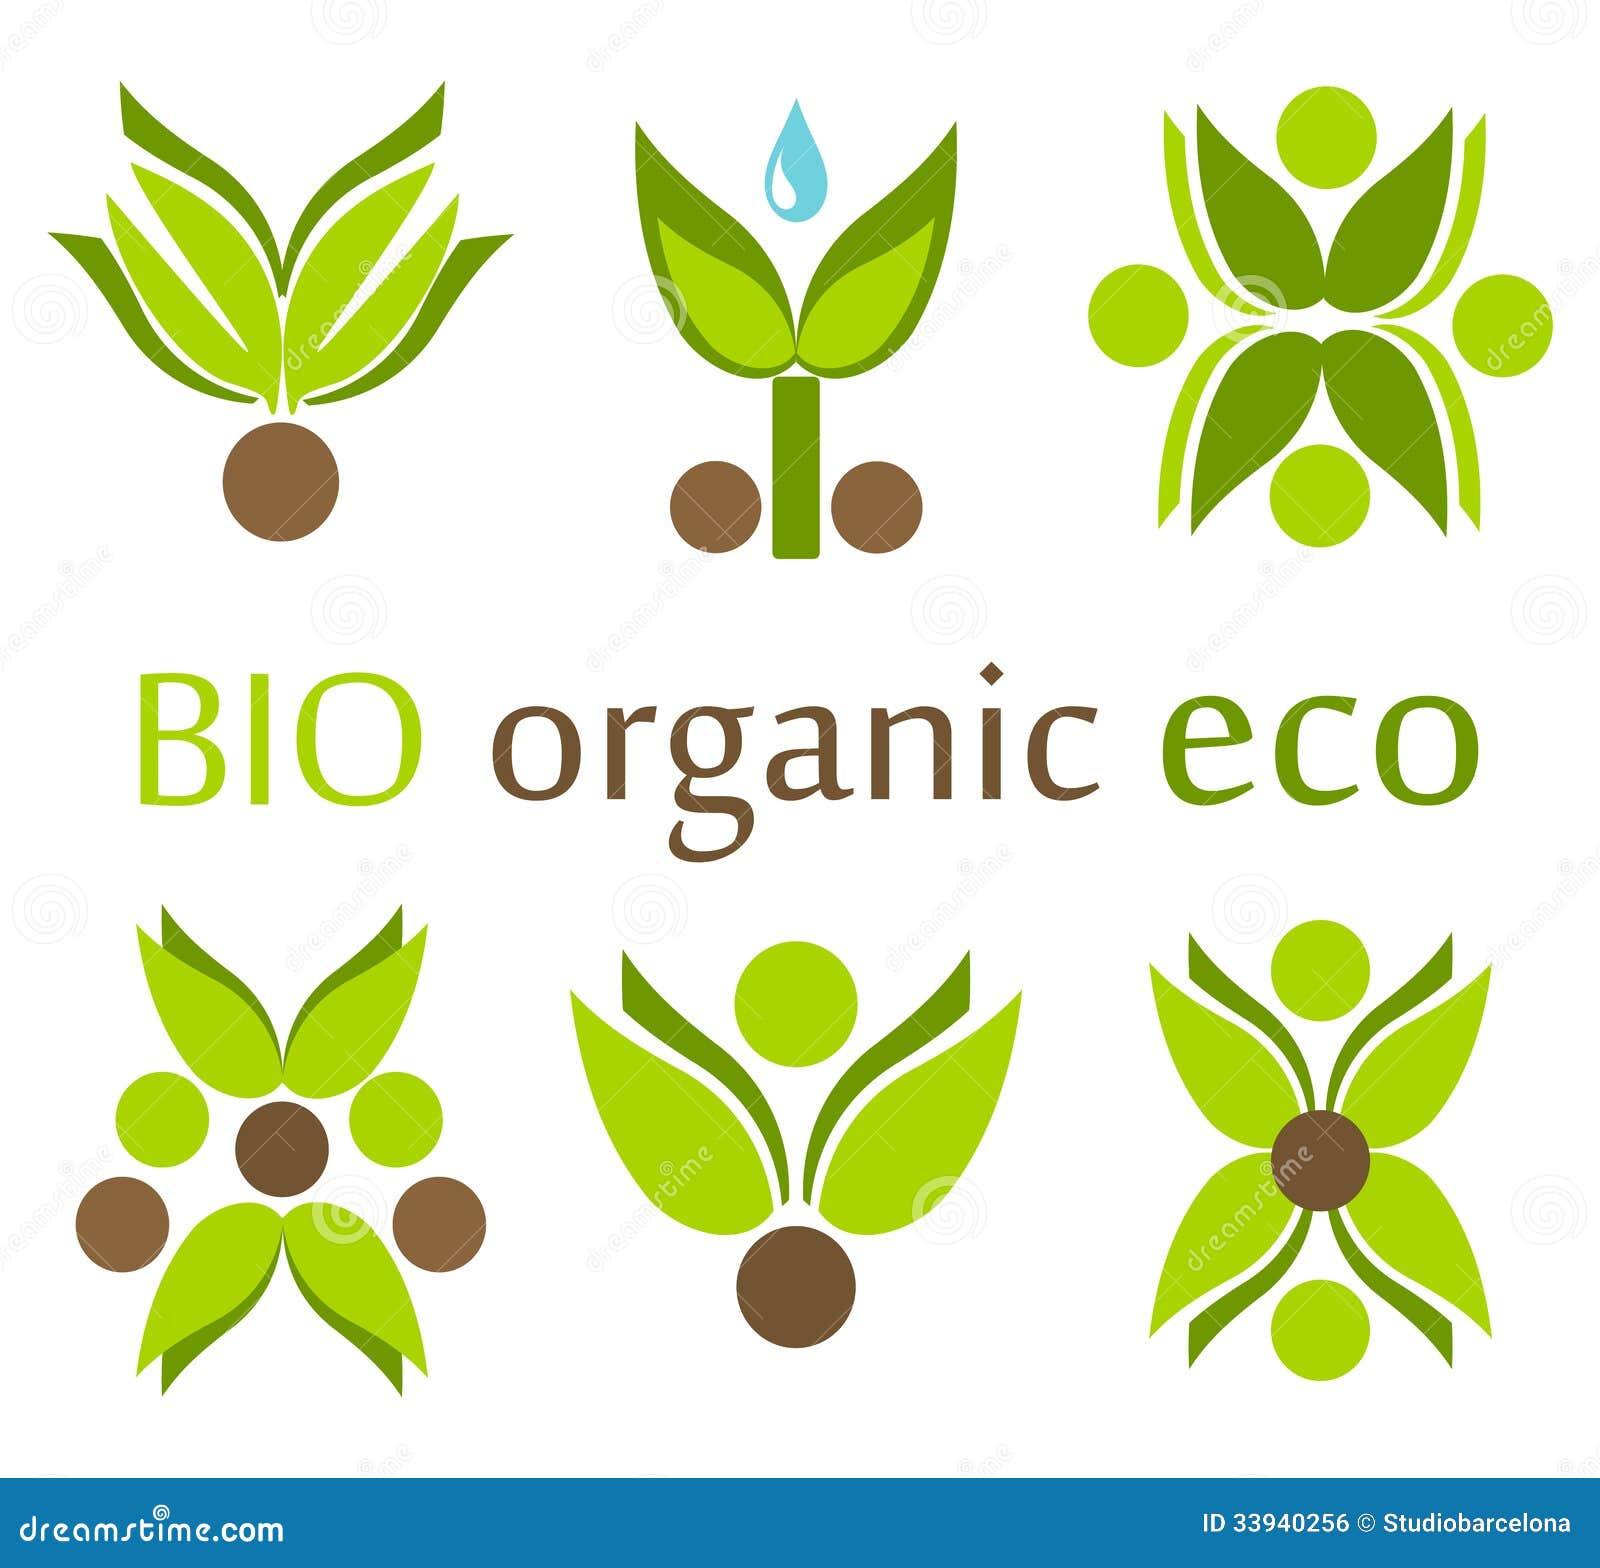 Organic Eco Symbols Royalty Free Stock Image Image